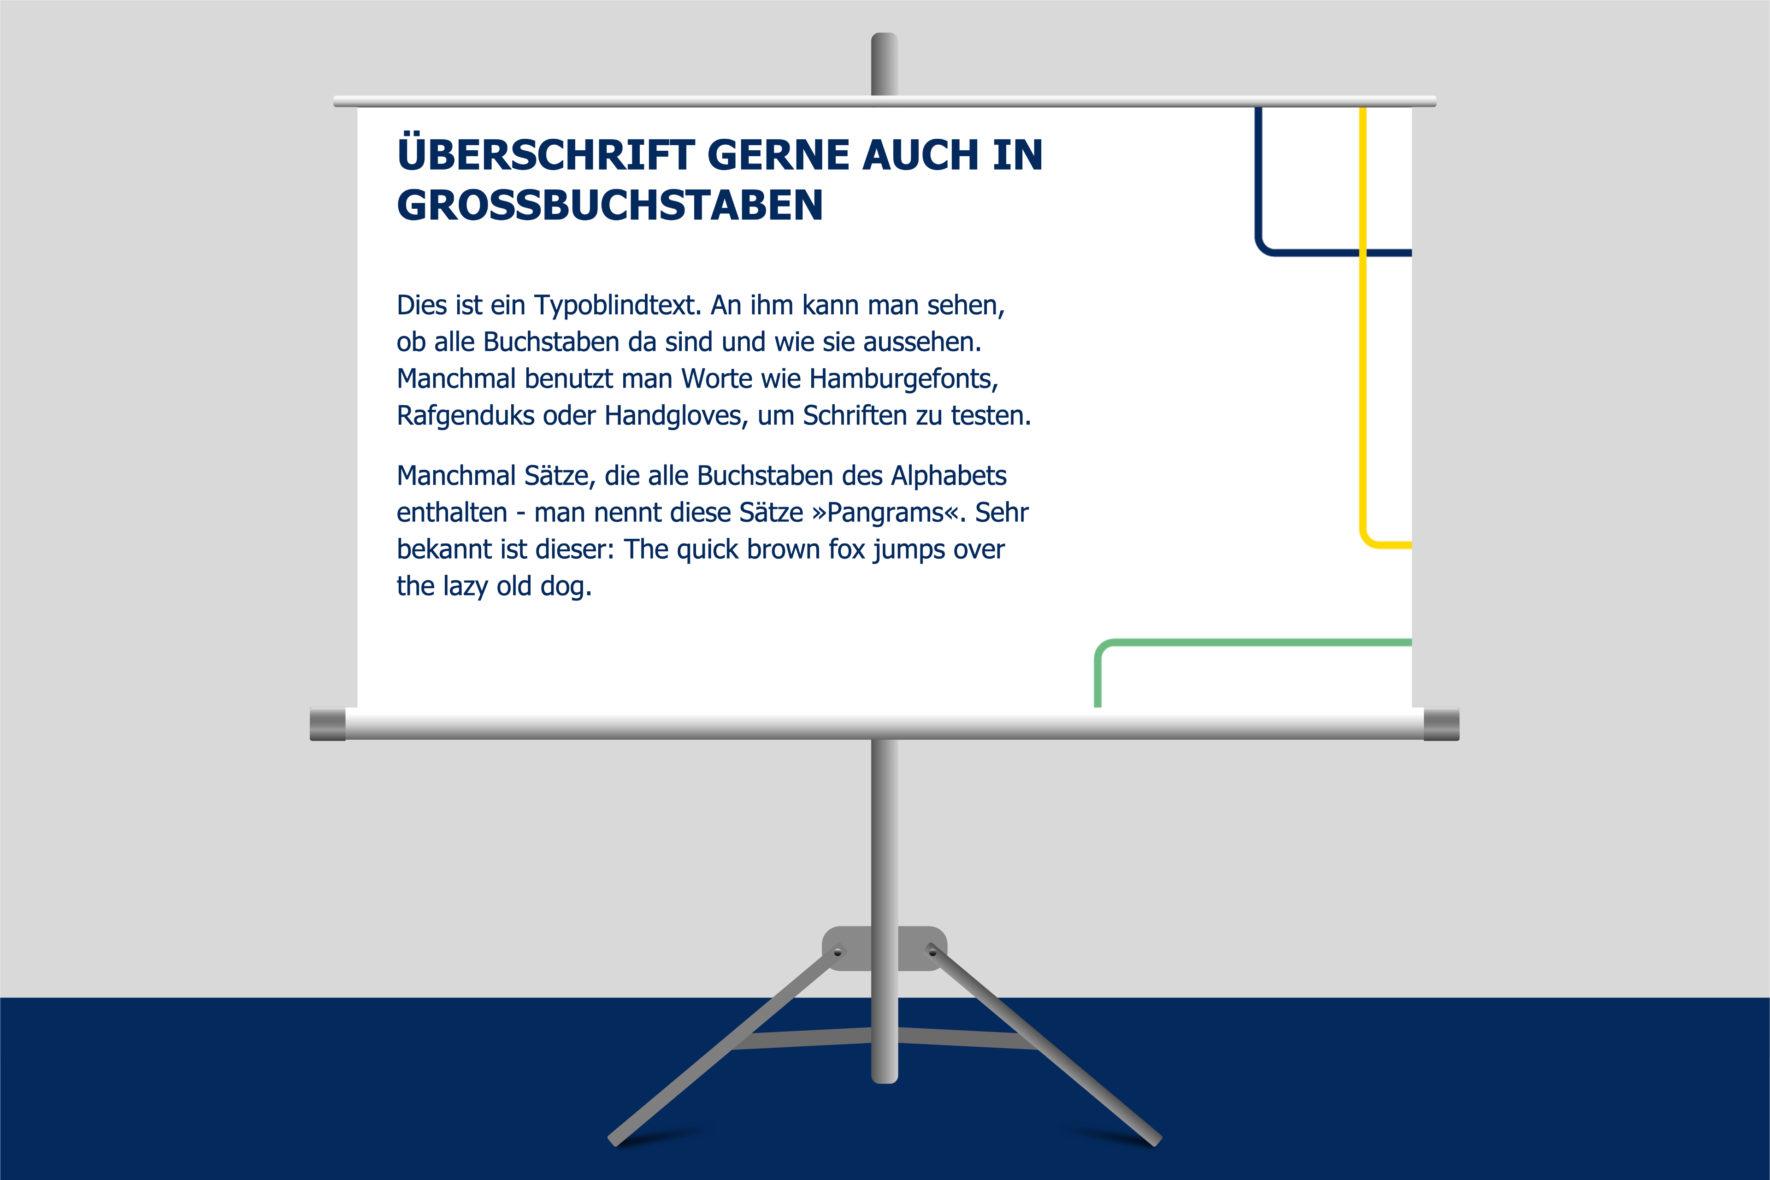 CoSales-Corporate-Design-Logo-Branding-Vorlage-Praesentation-FORMLOS-berlin-5